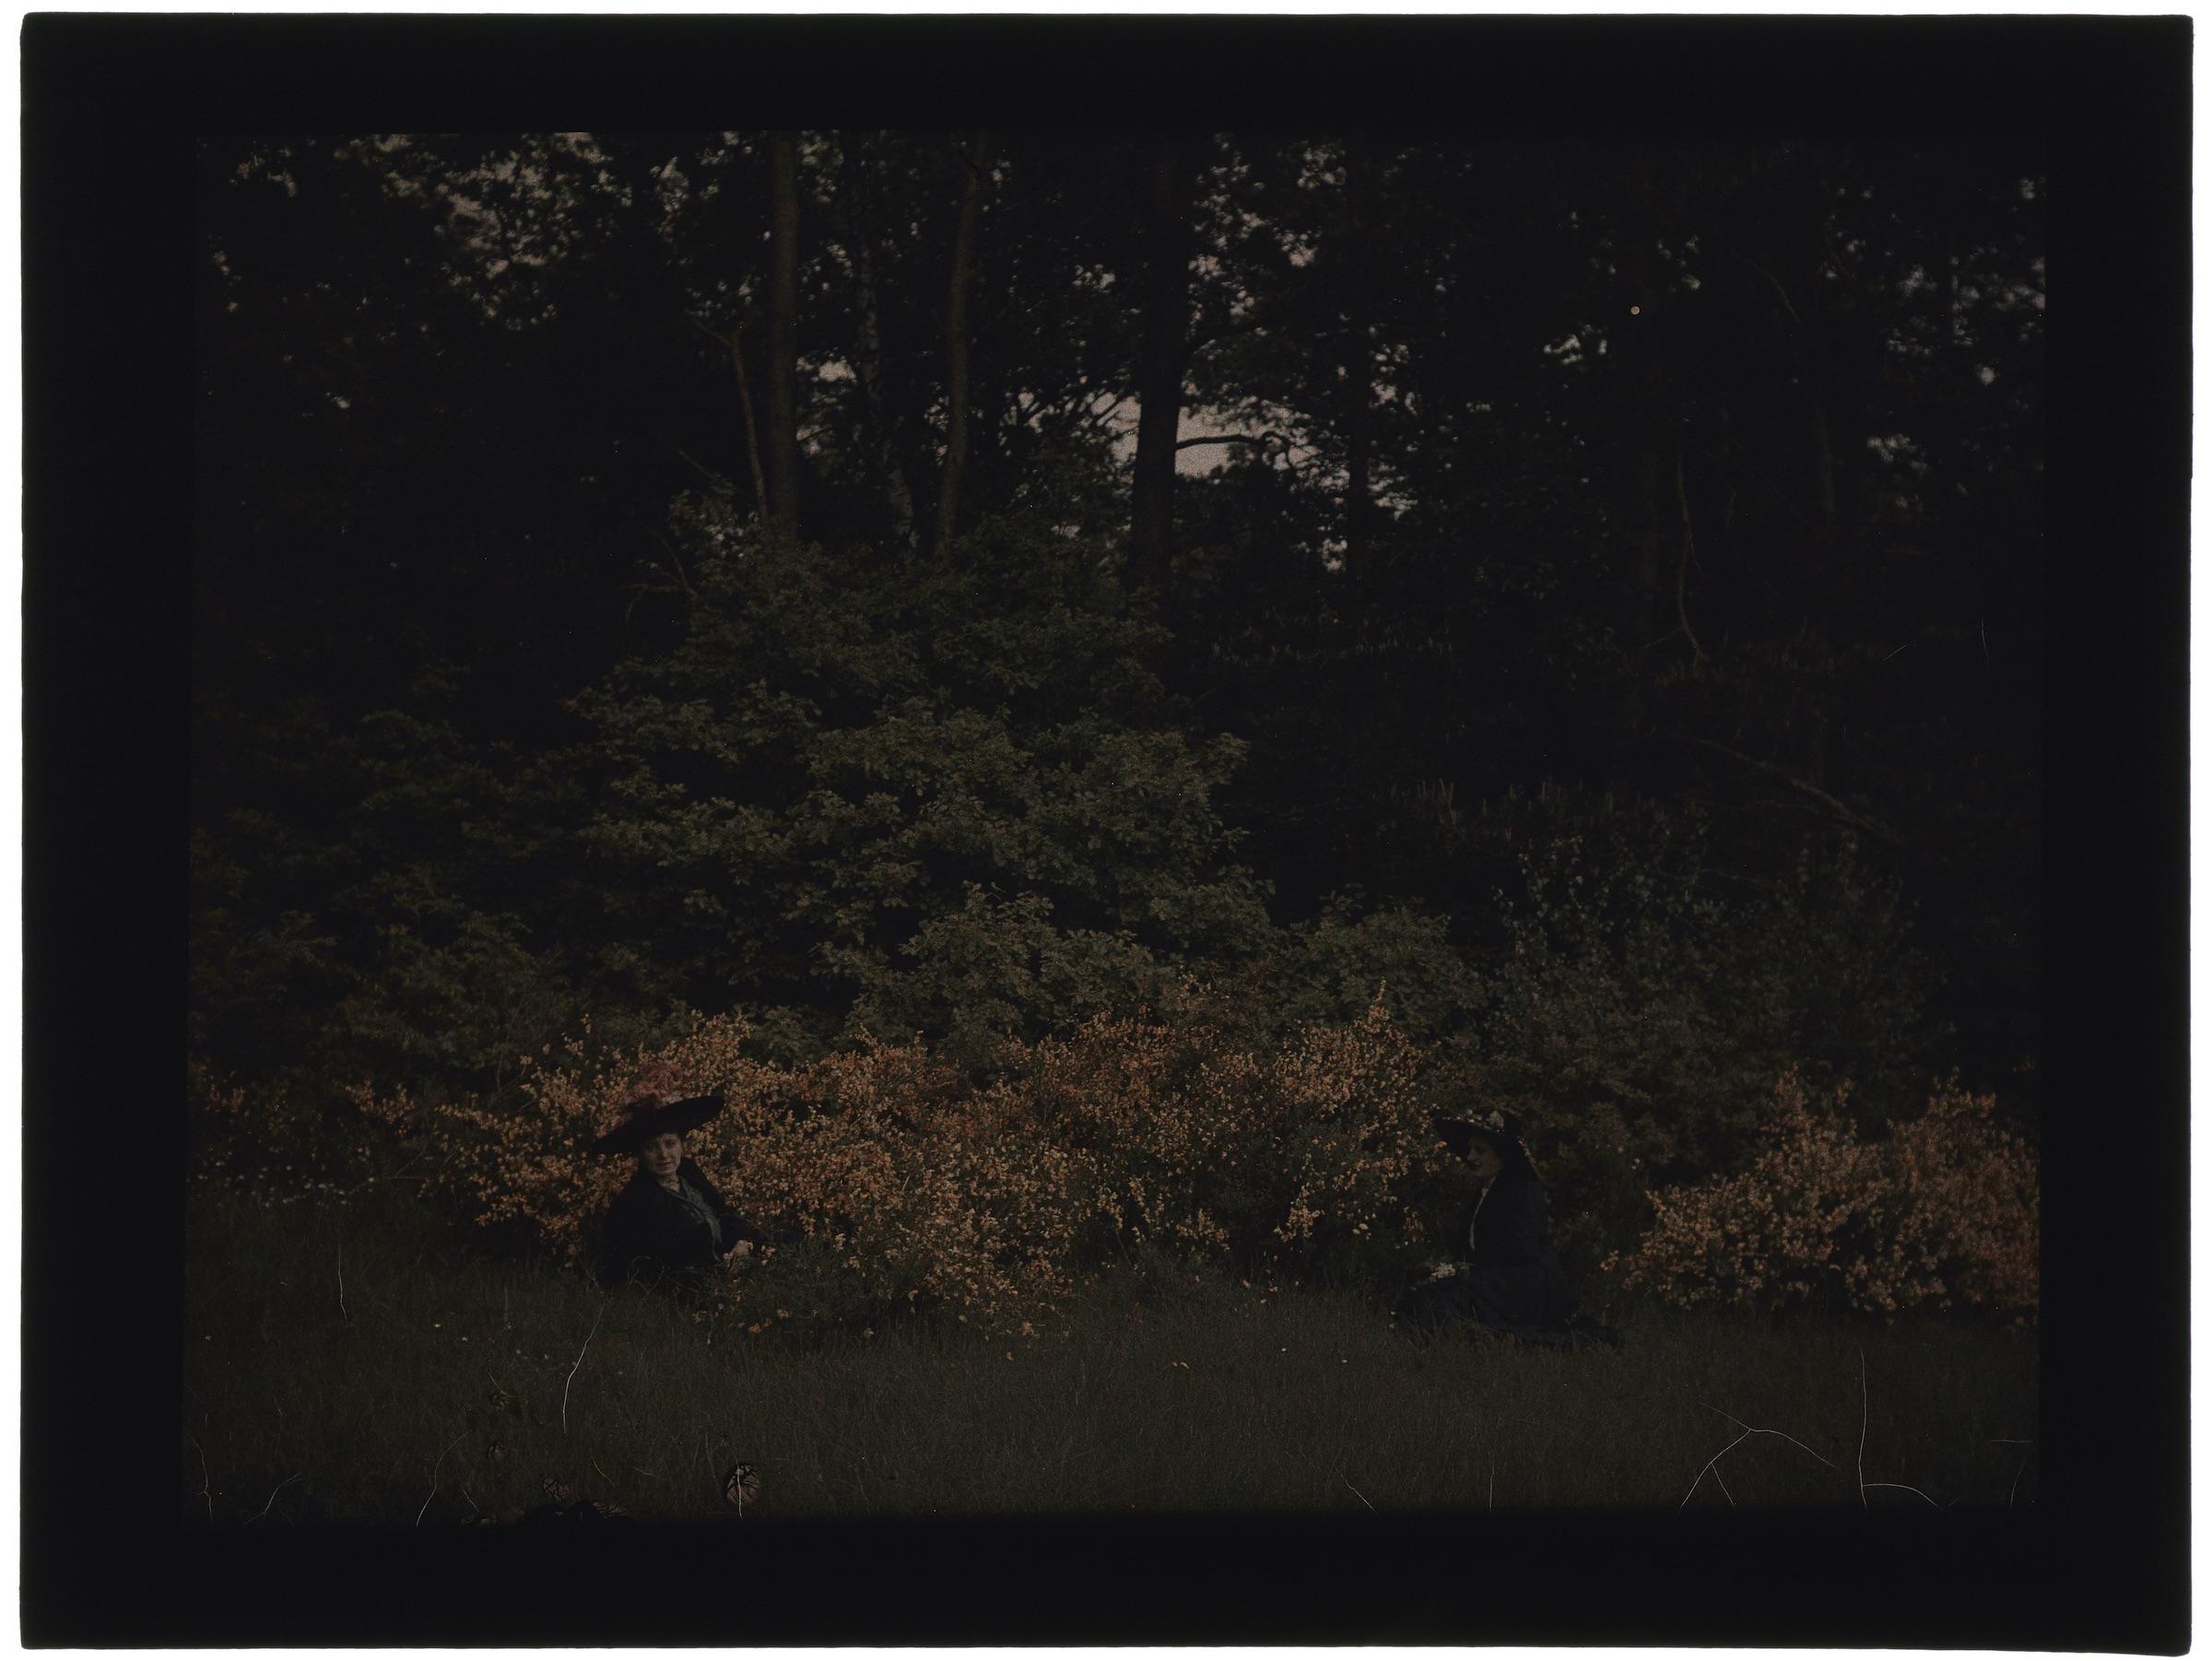 Femmes dans la forêt